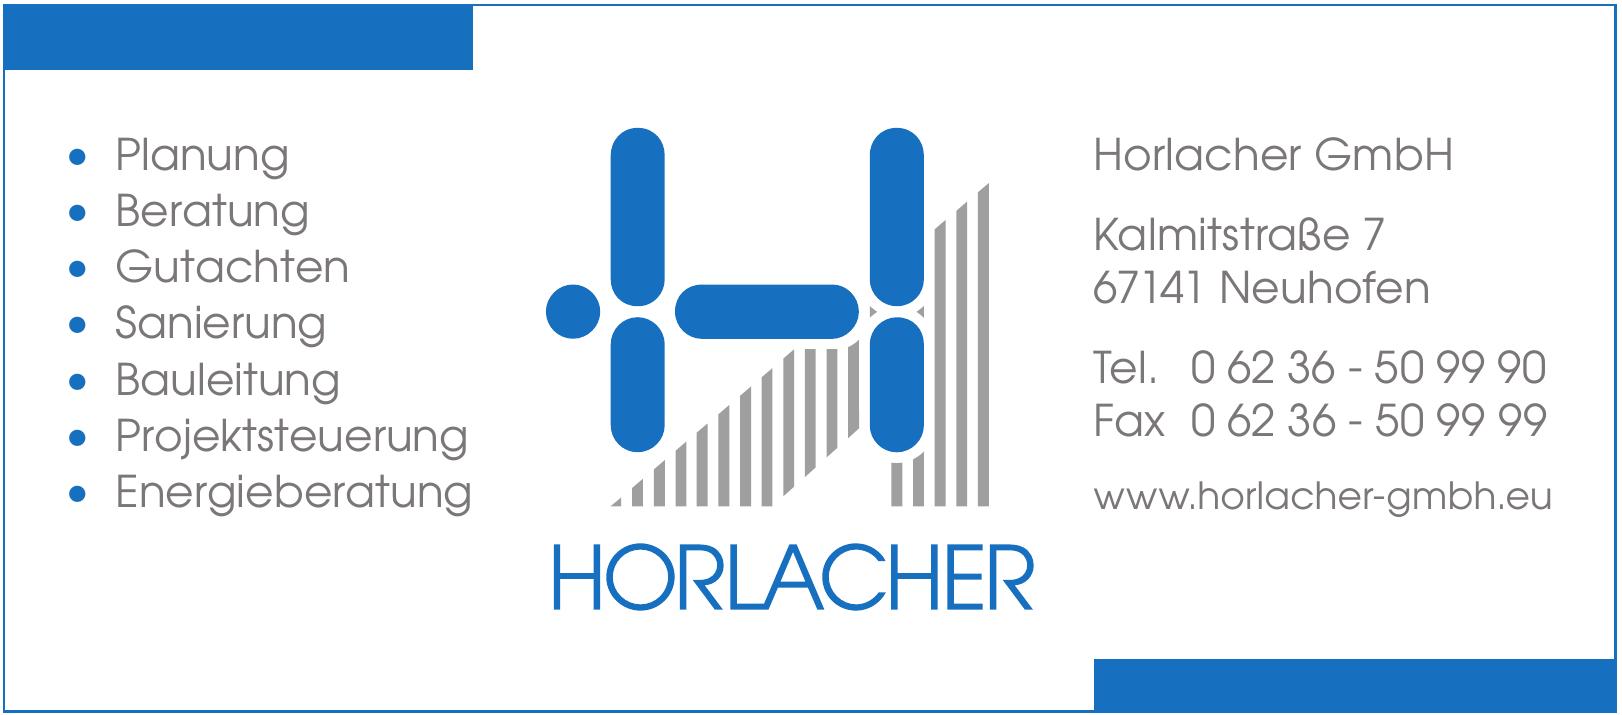 Horlacher GmbH